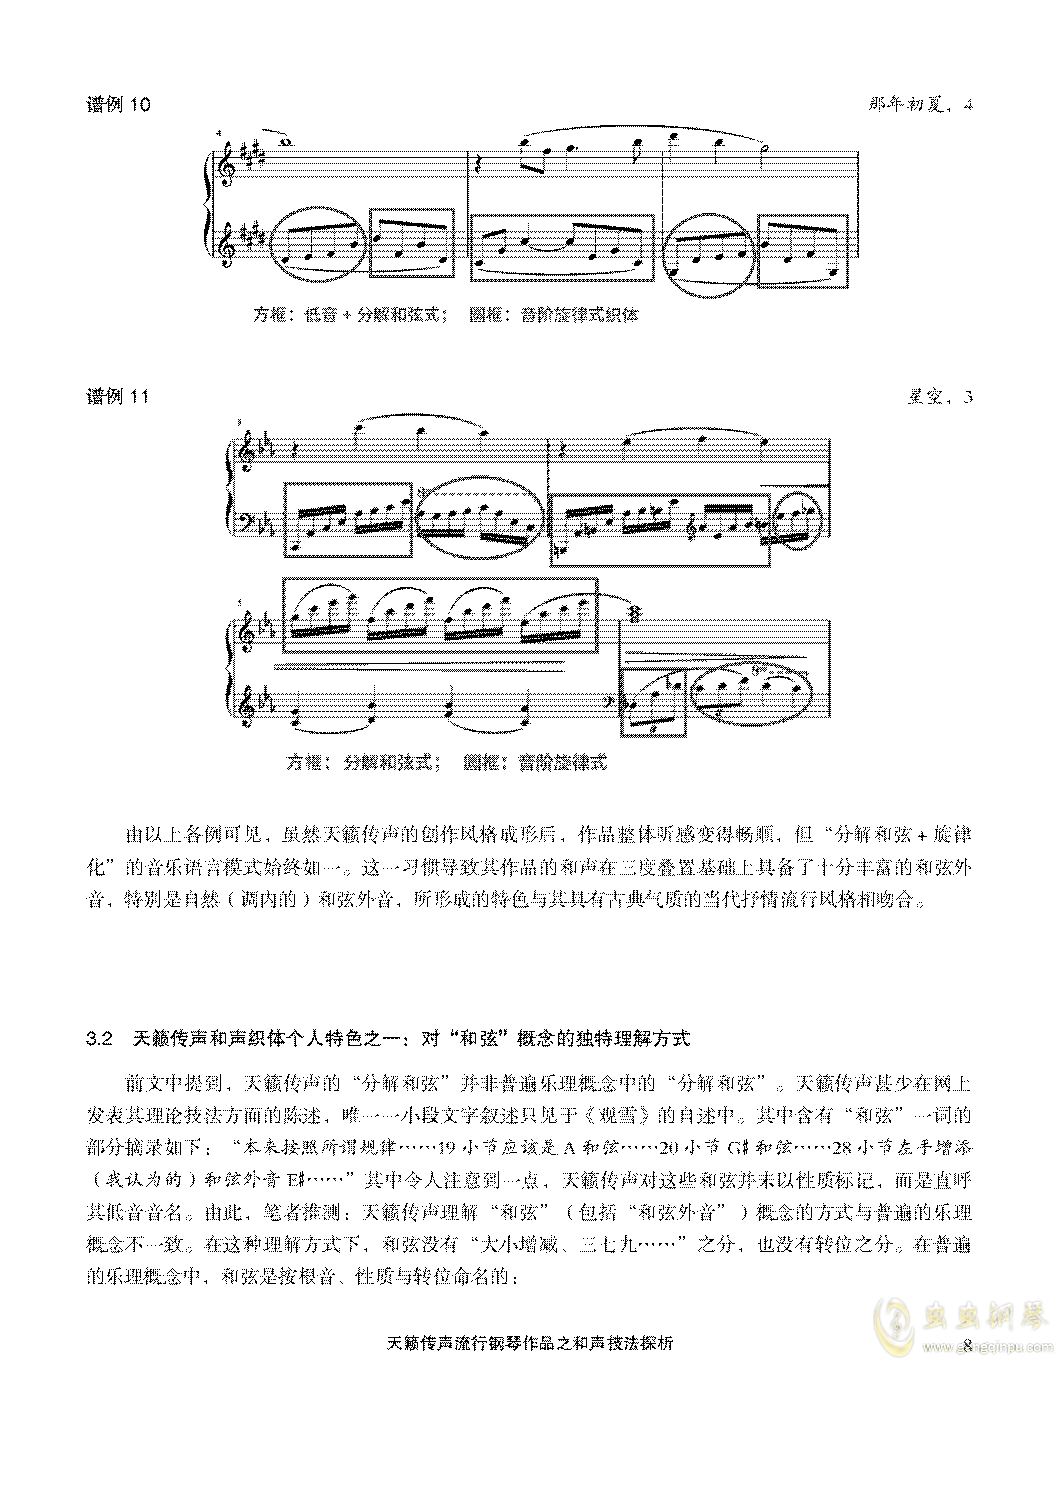 天籁传声和声技法探析澳门星际官网 第8页